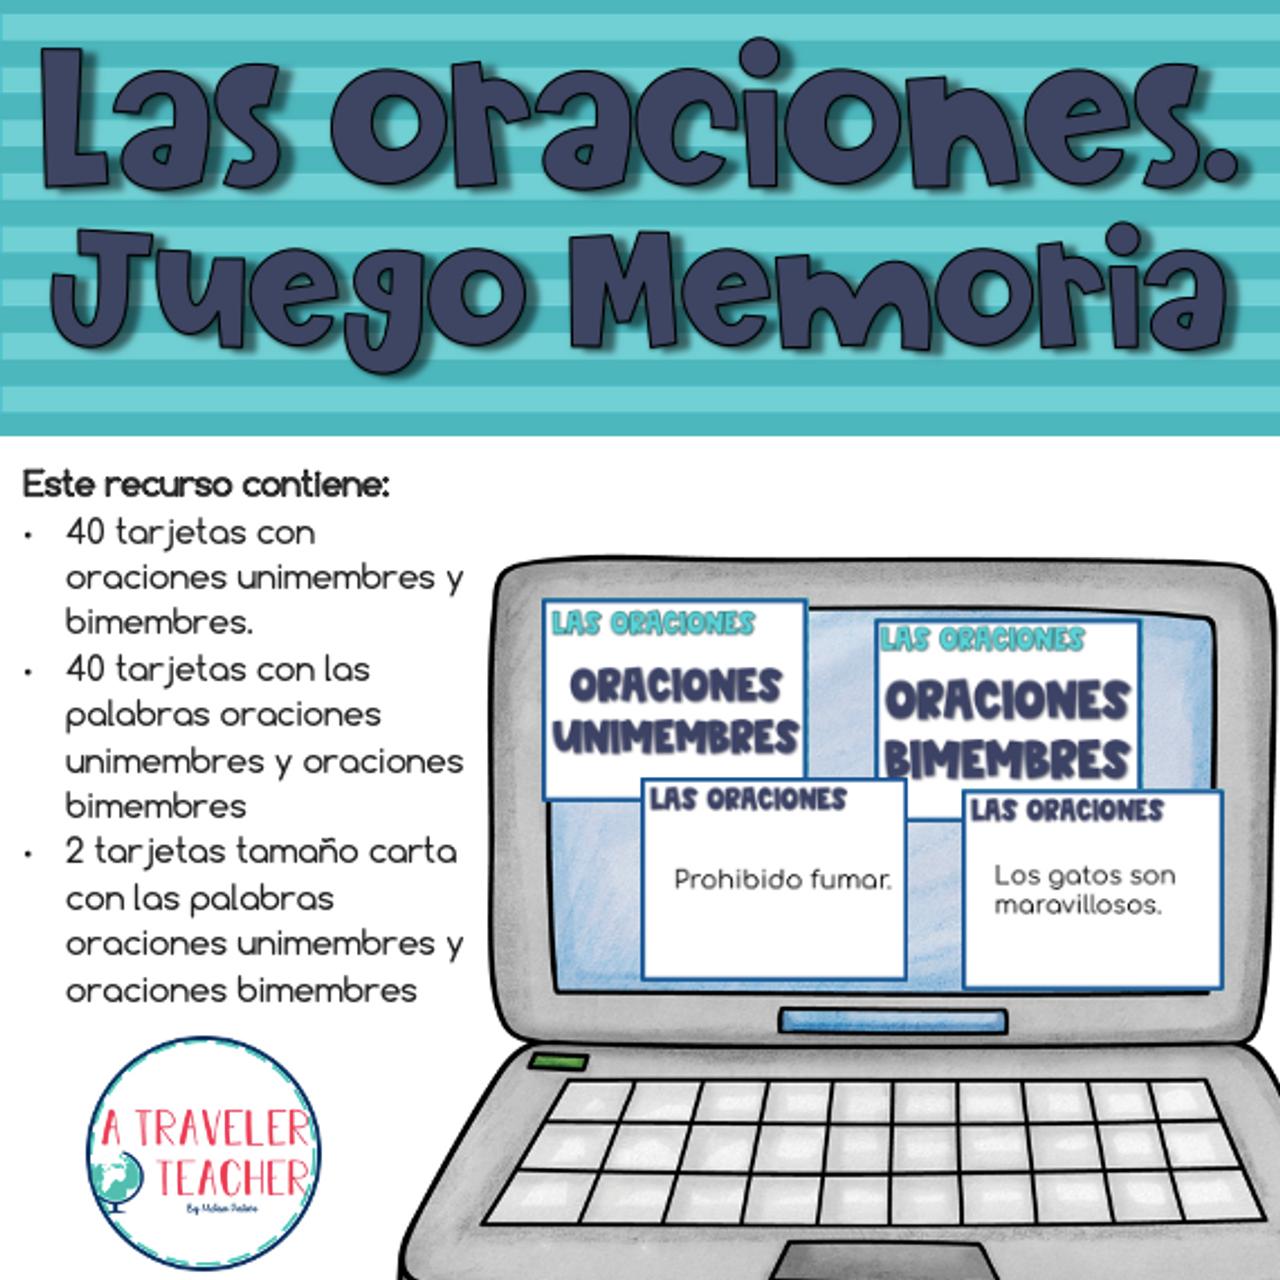 Las Oraciones Juego Memoria (Memory Game Complete Sentences in Spanish)